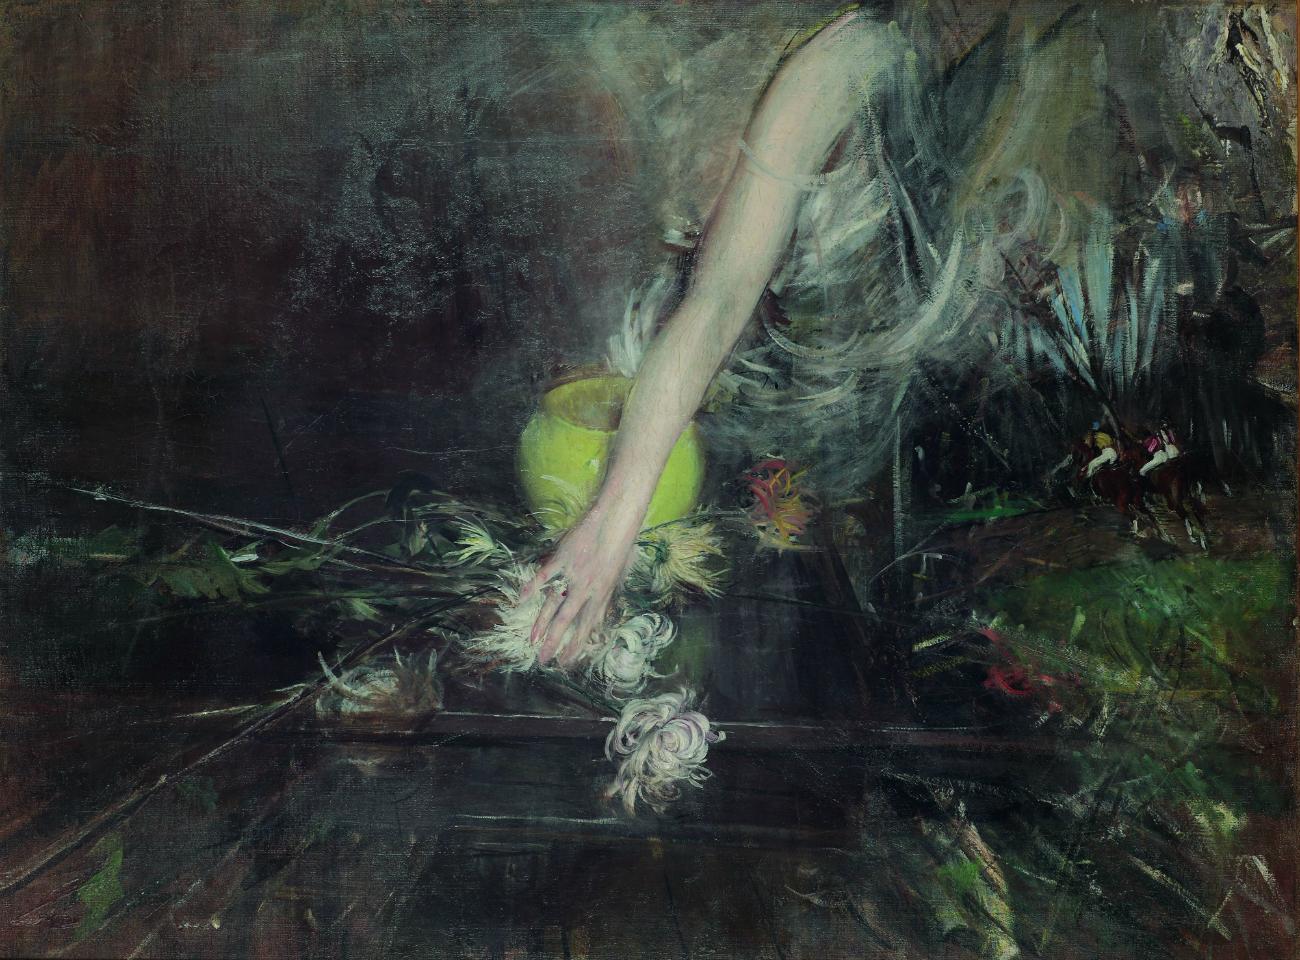 Braccio con vaso di fiori, 1910. Giovanni Boldini. Fonte: Ufficio stampa Ermitage